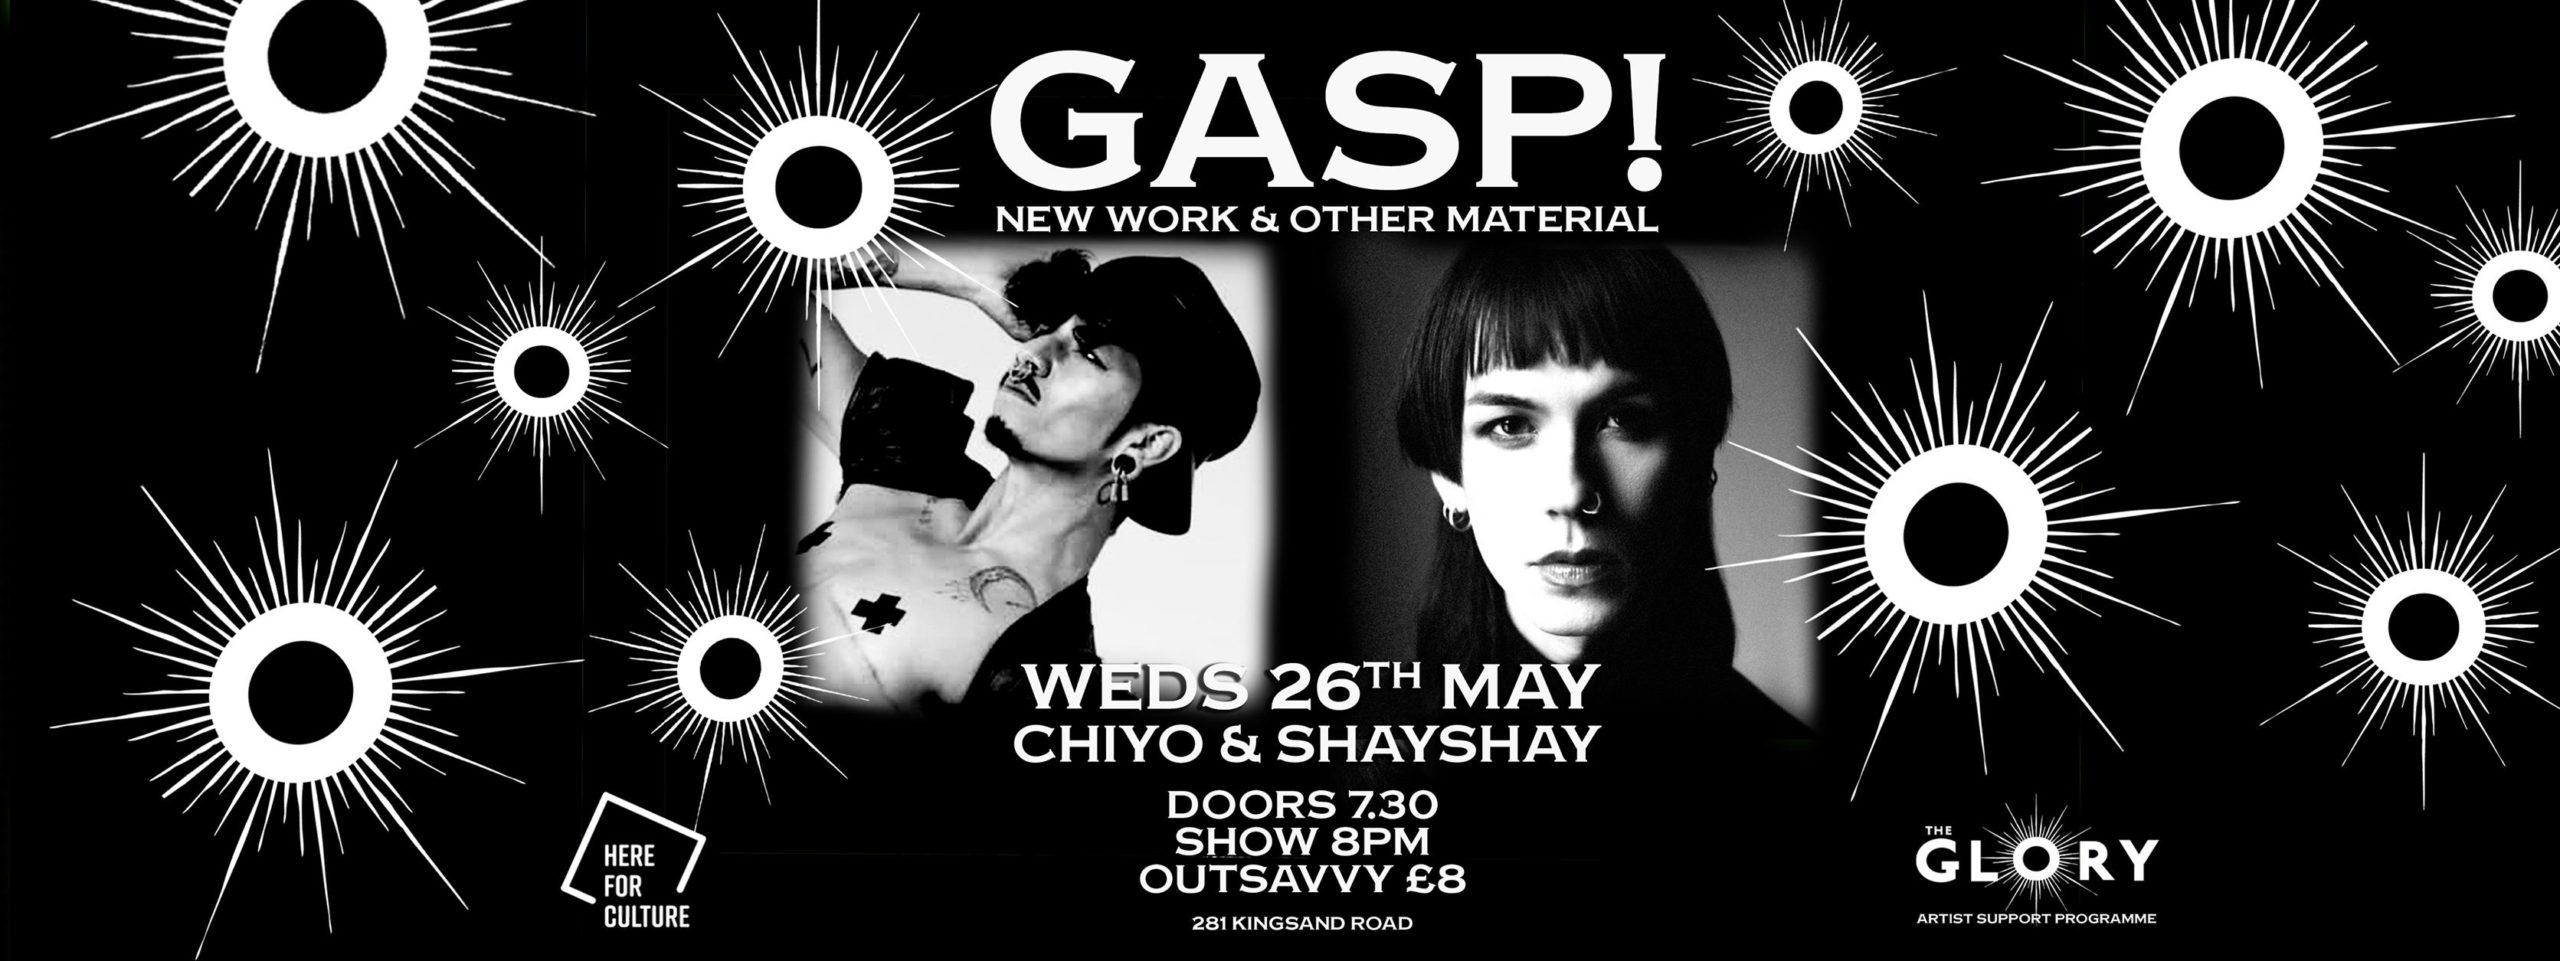 GASP with Chiyo and Shay Shay